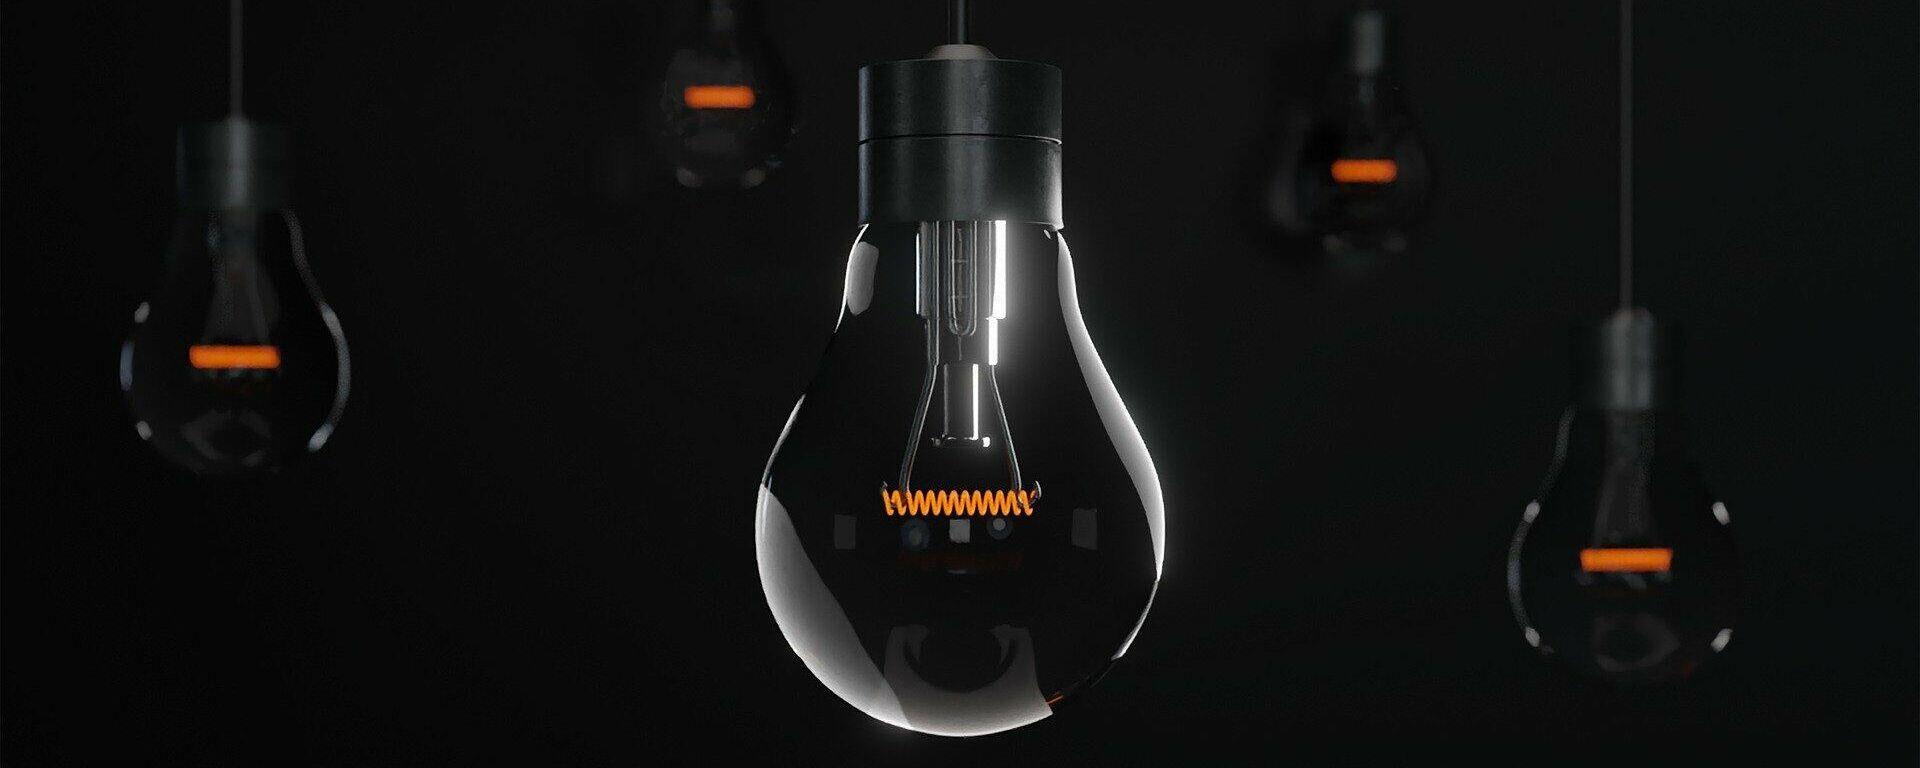 Nuevo sistema tarifario eléctrico - Sputnik Mundo, 1920, 01.06.2021